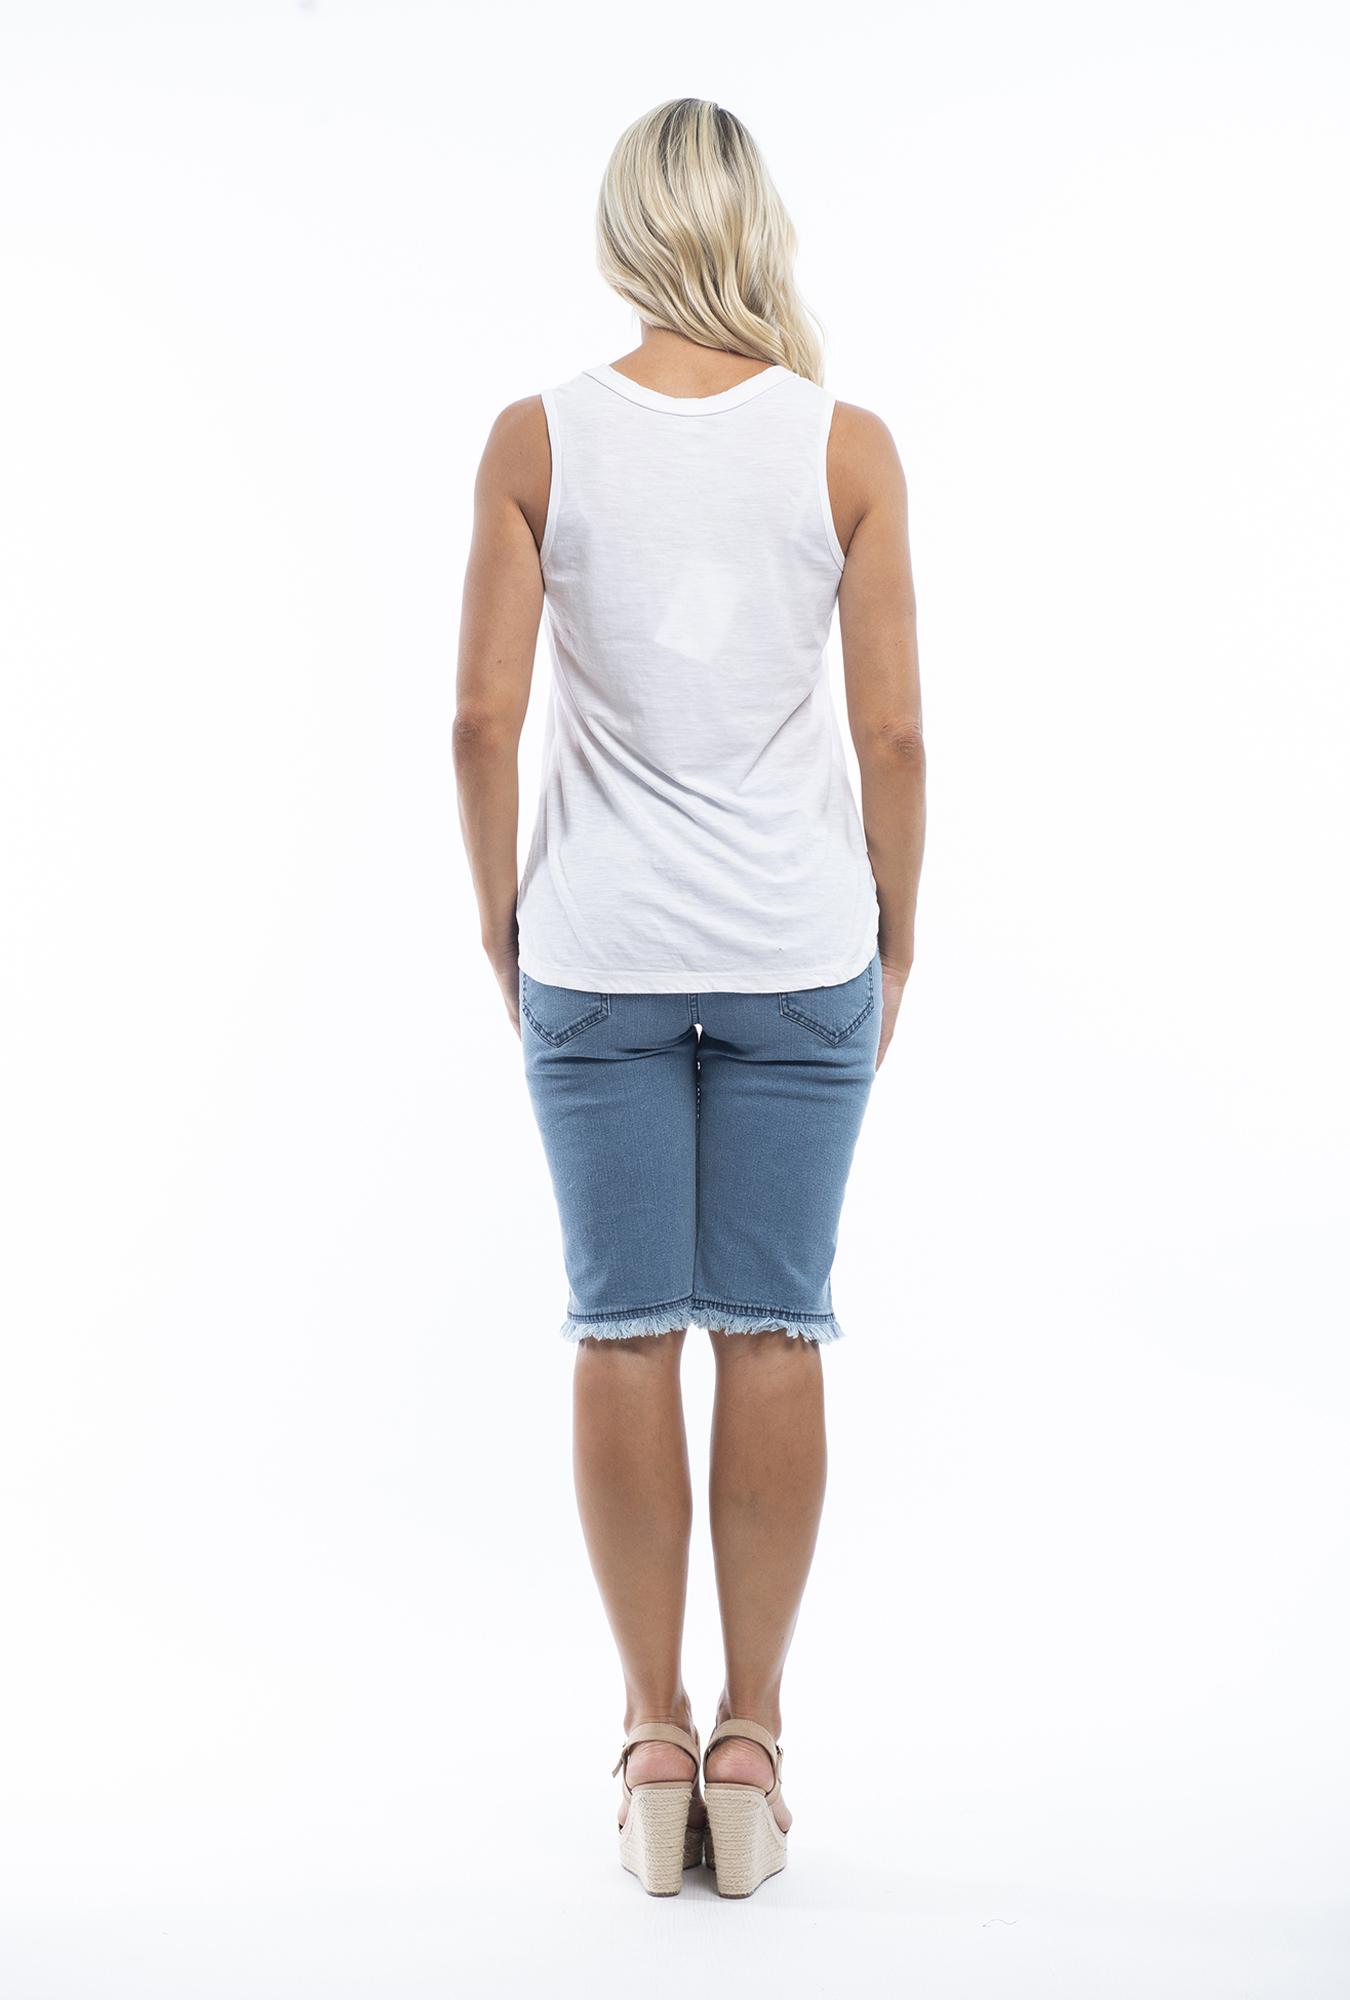 Kory Denim Shorts in Light Denim